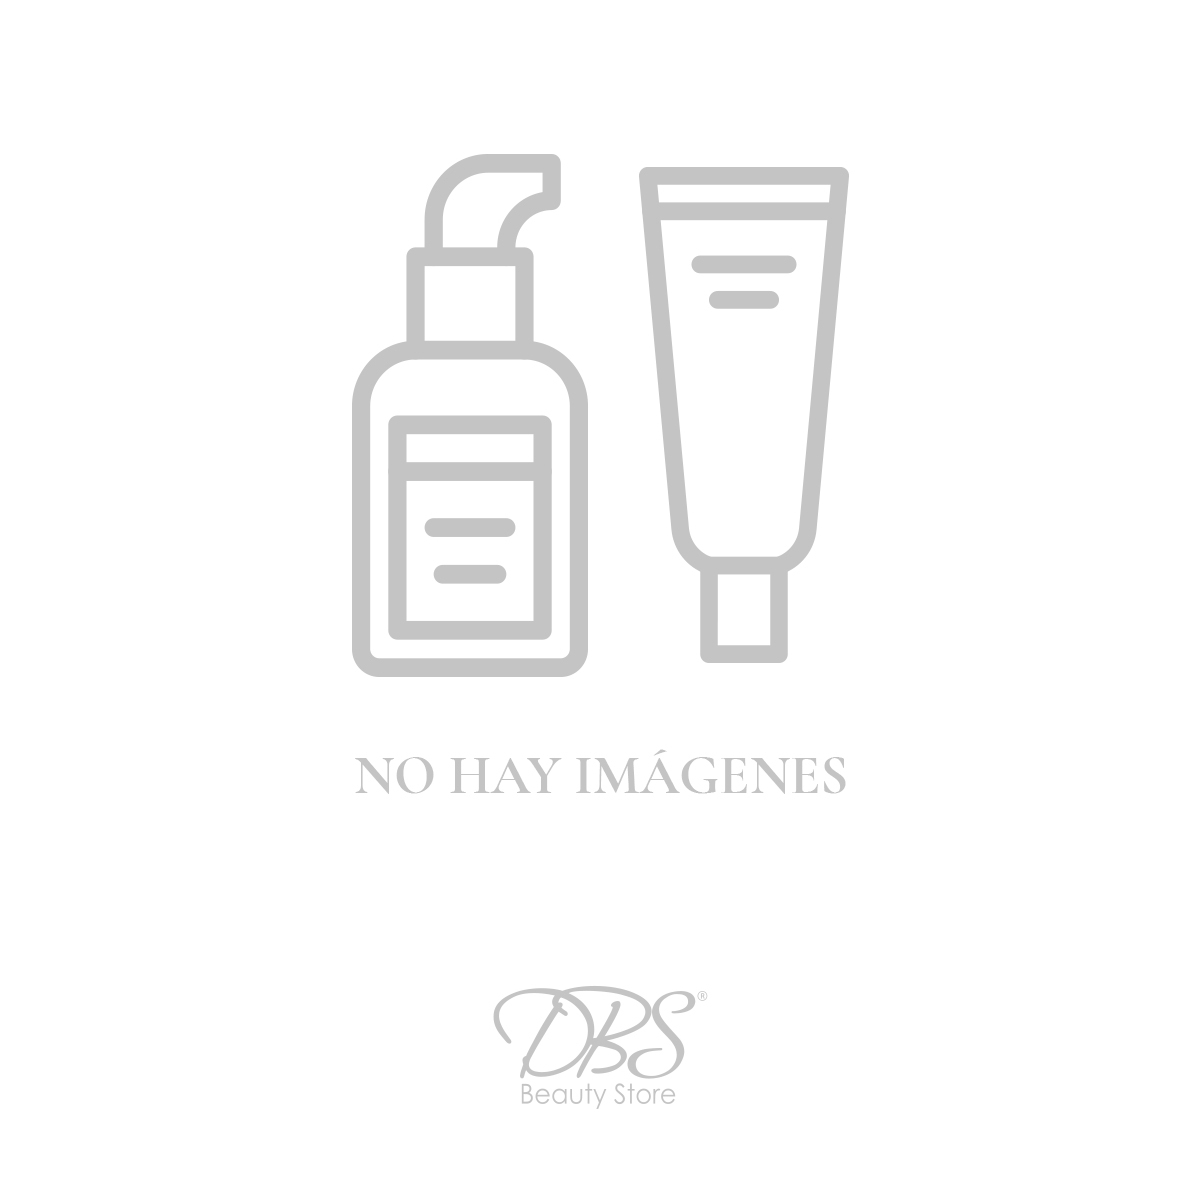 bath-and-body-works-BW-89296.jpg